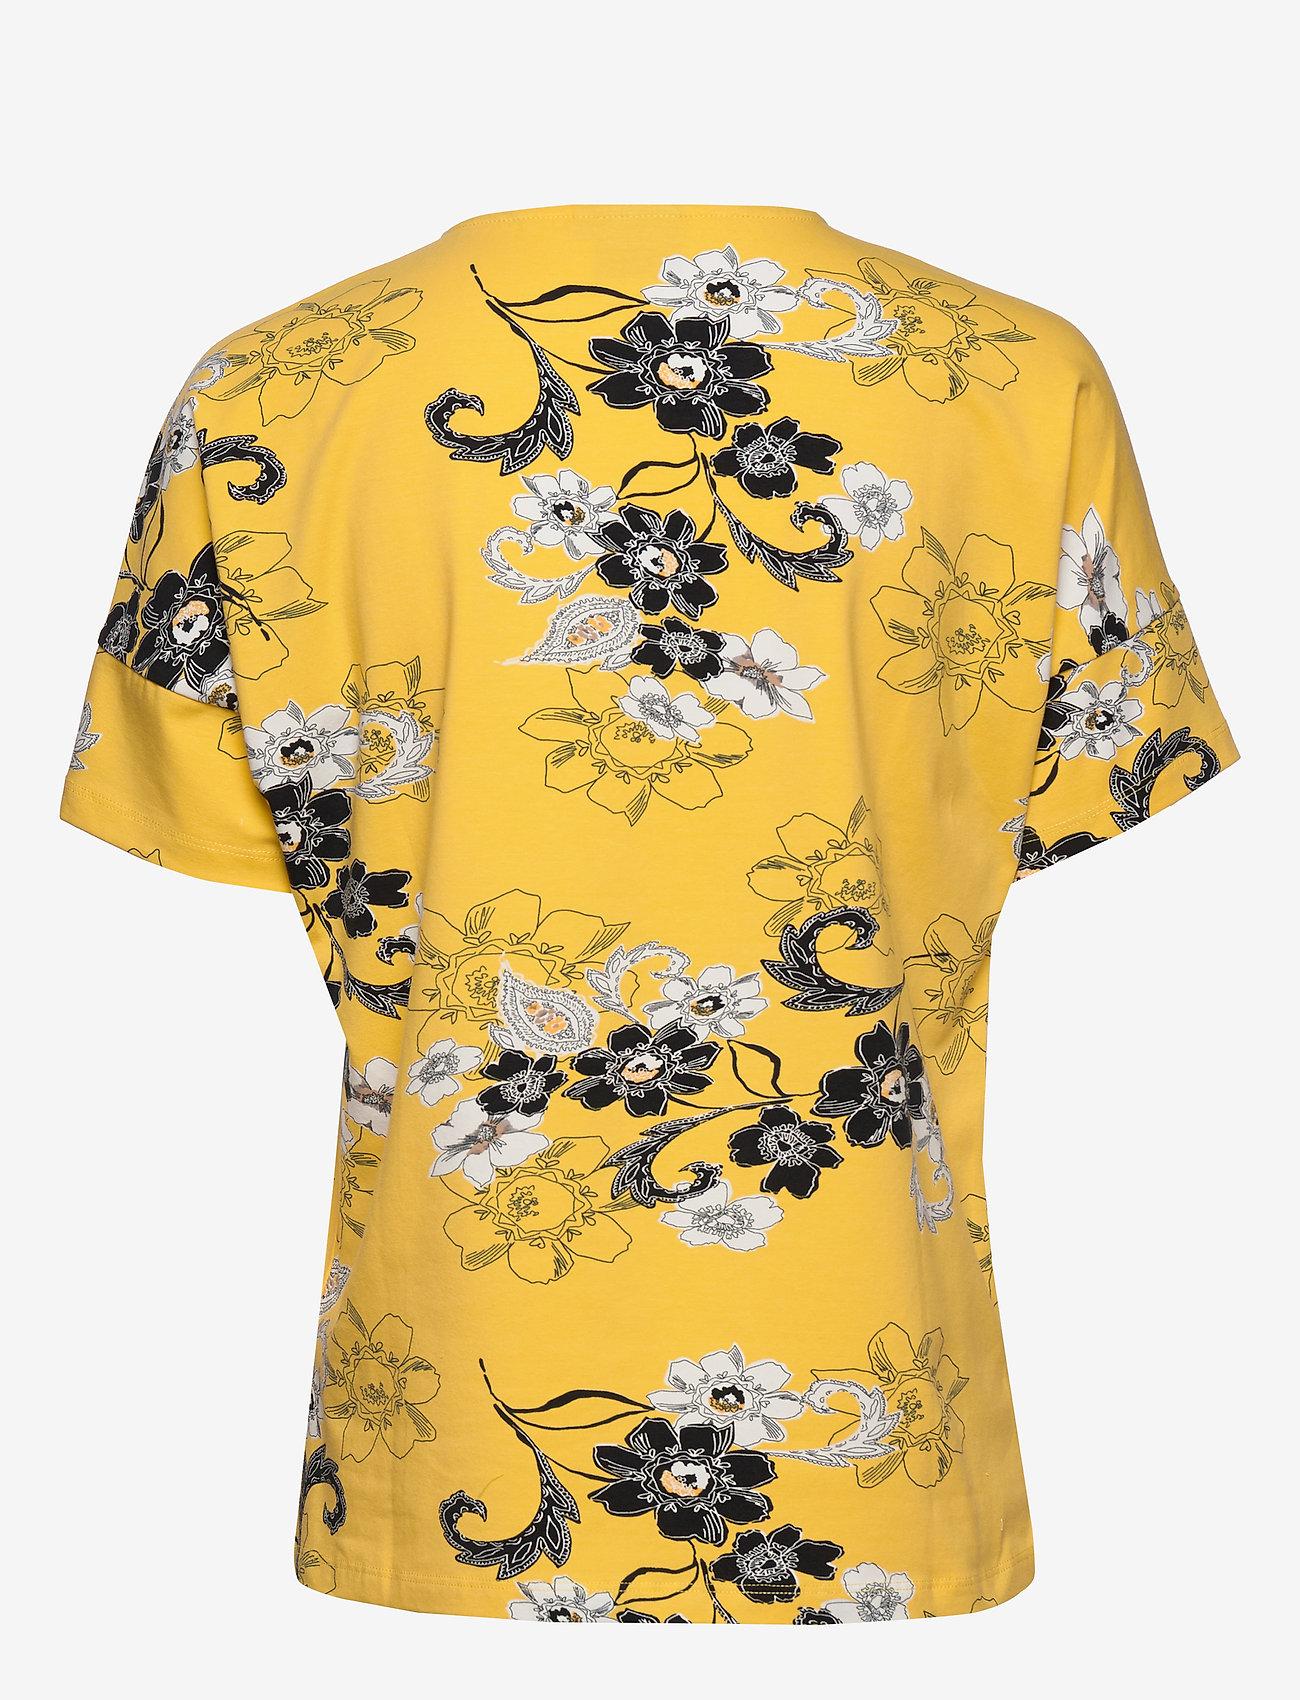 Brandtex T-shirt S/s - T-shirts & Toppar Samoan Sun